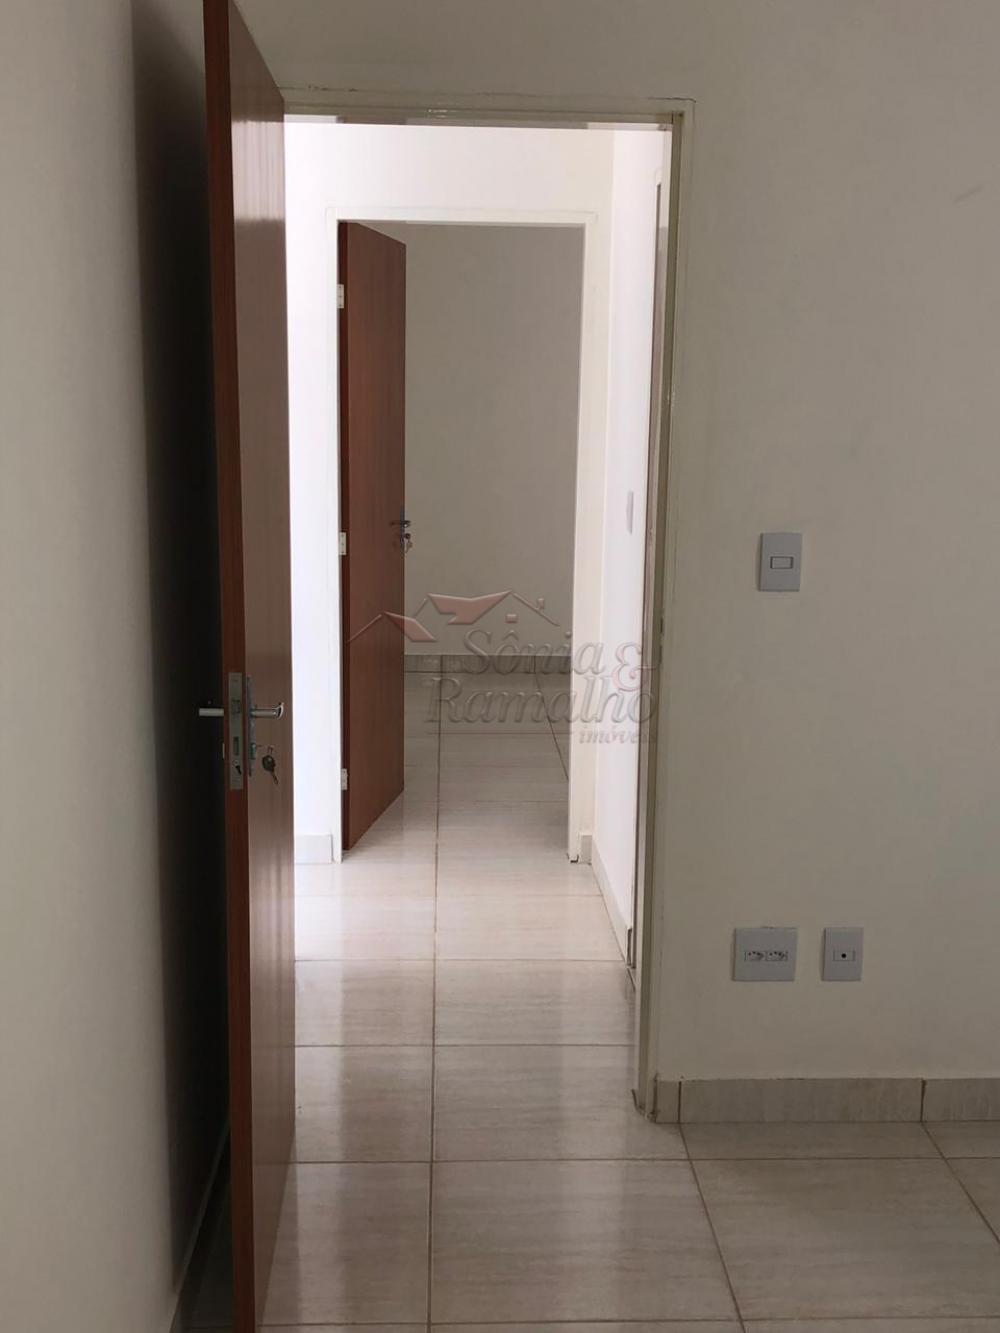 Comprar Casas / Padrão em Ribeirão Preto apenas R$ 175.000,00 - Foto 3